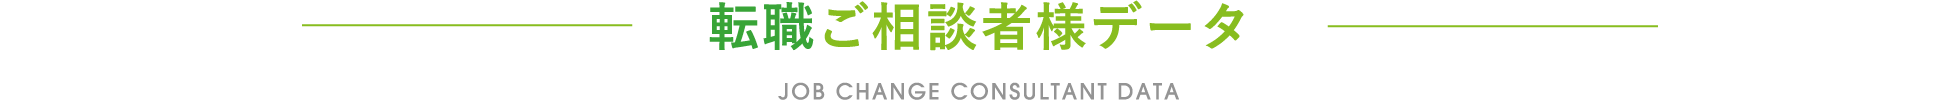 転職ご相談者様データ / JOB CHANGE CONSULTANT DATA